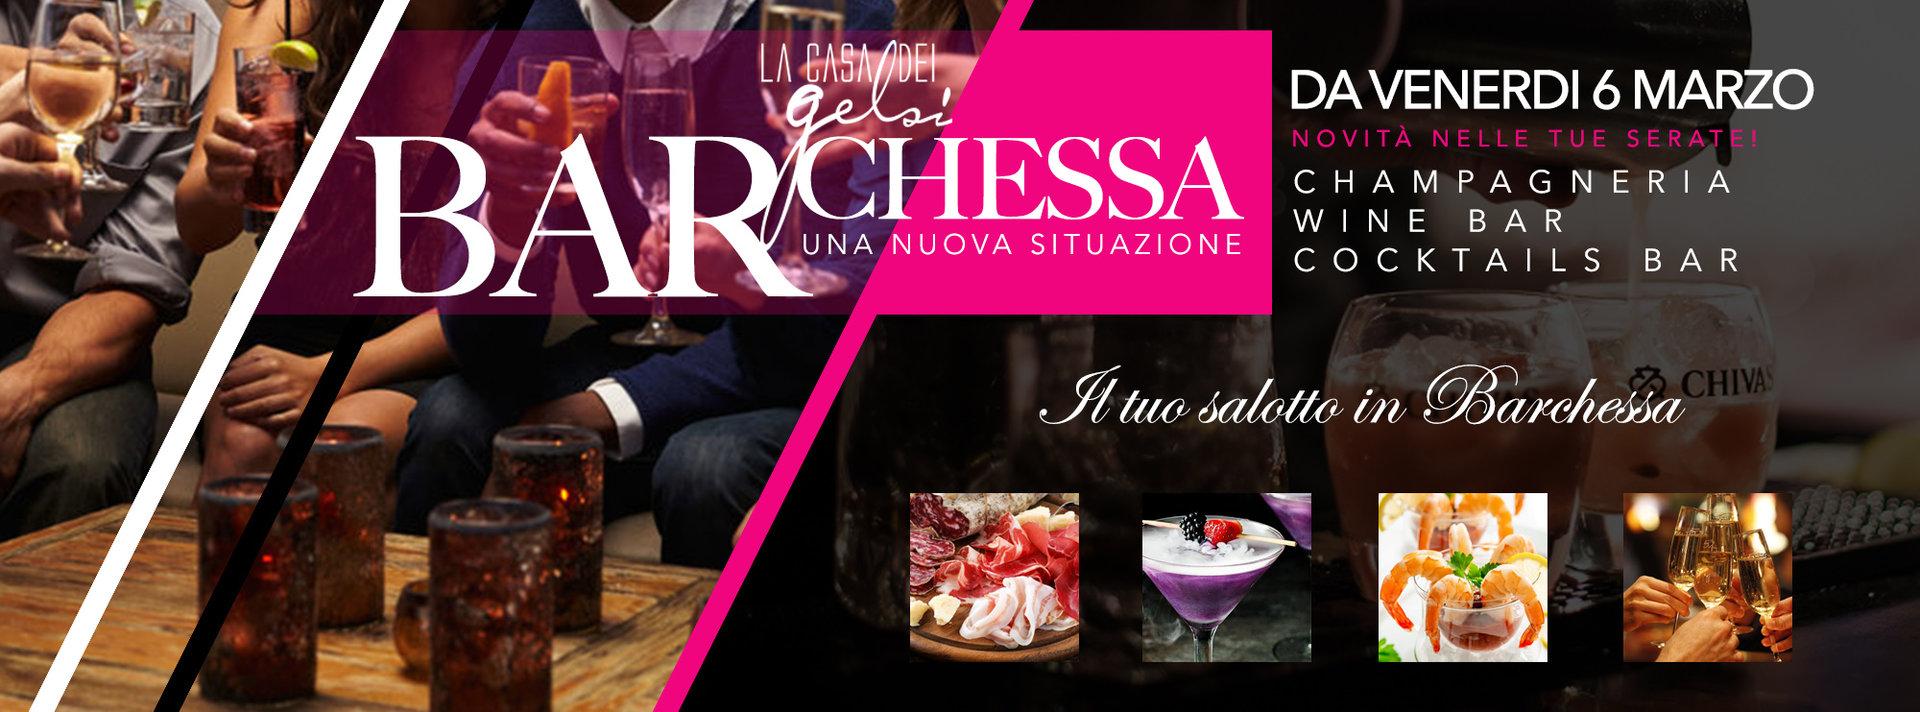 barchessa gelsi wine bar 6 marzo 2020